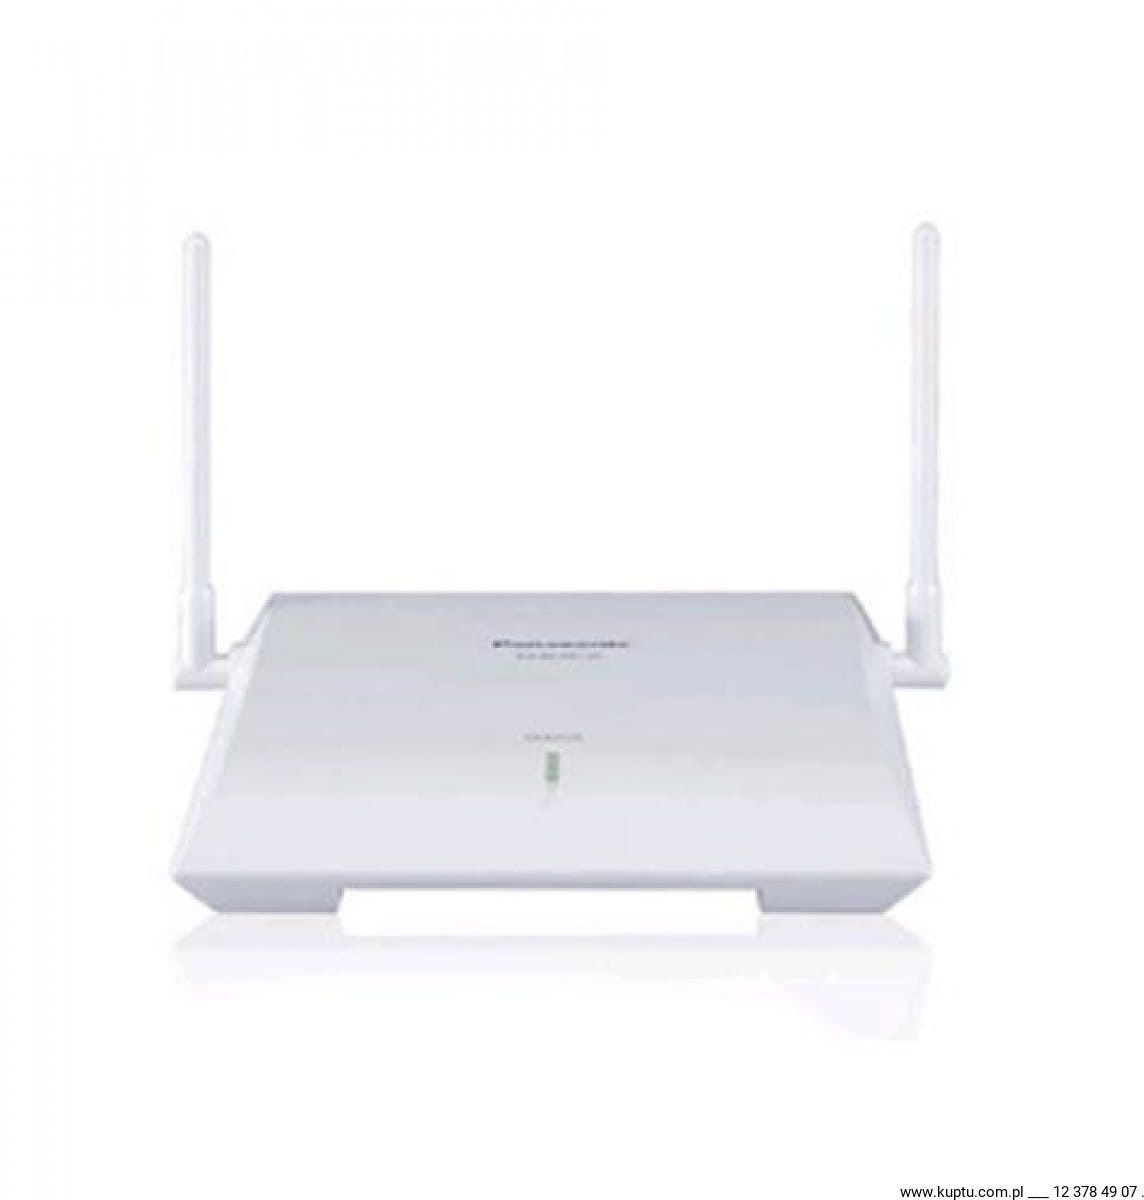 KX-NCP0158 antena DECT Panasonic UŻYWANA gwarancja 12 miesięcy